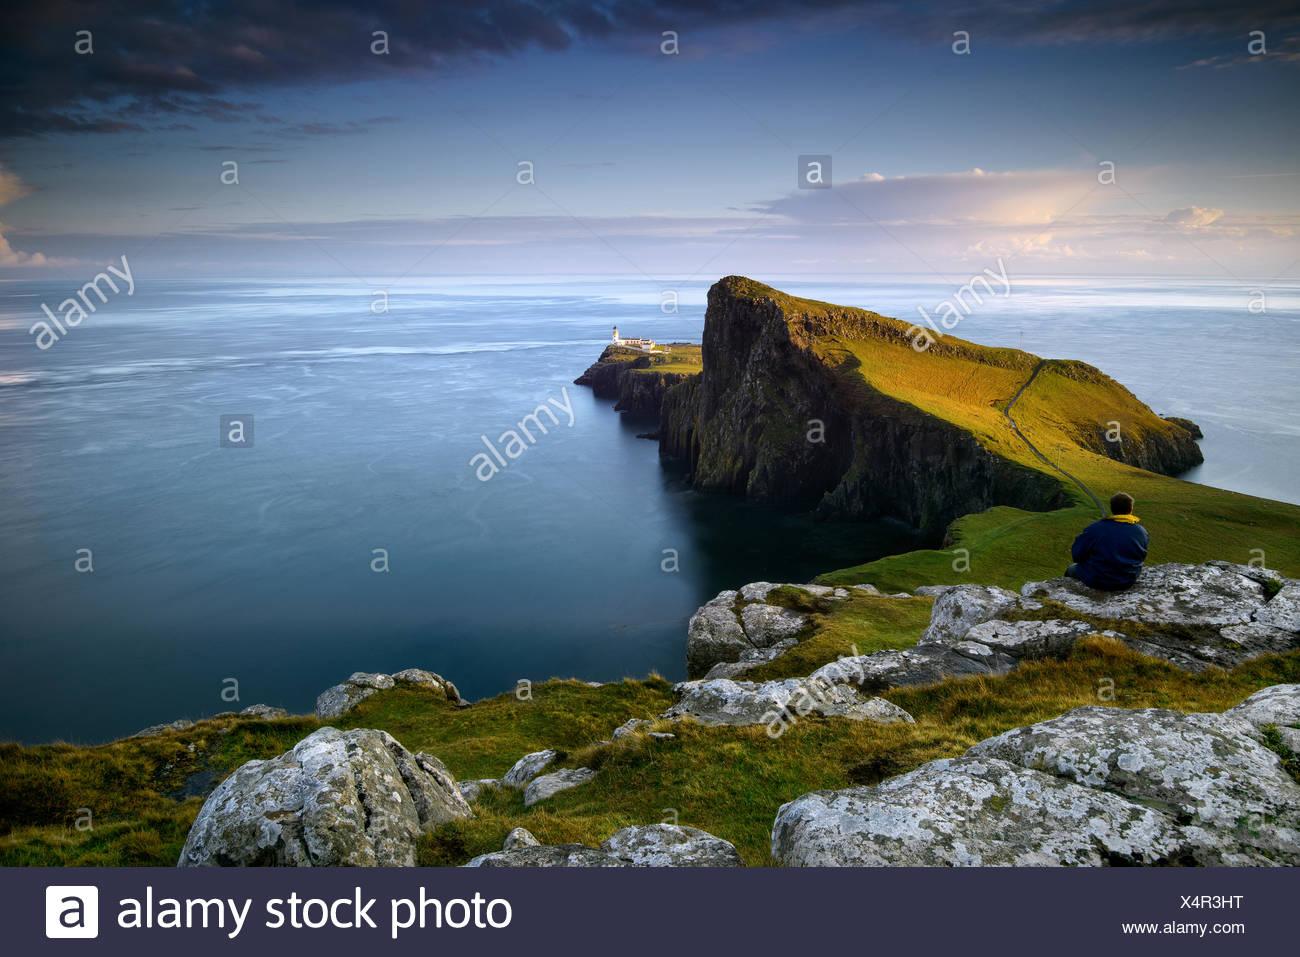 Mid adult man assis sur un rocher surplombant la mer à Neist Point, Ecosse Banque D'Images